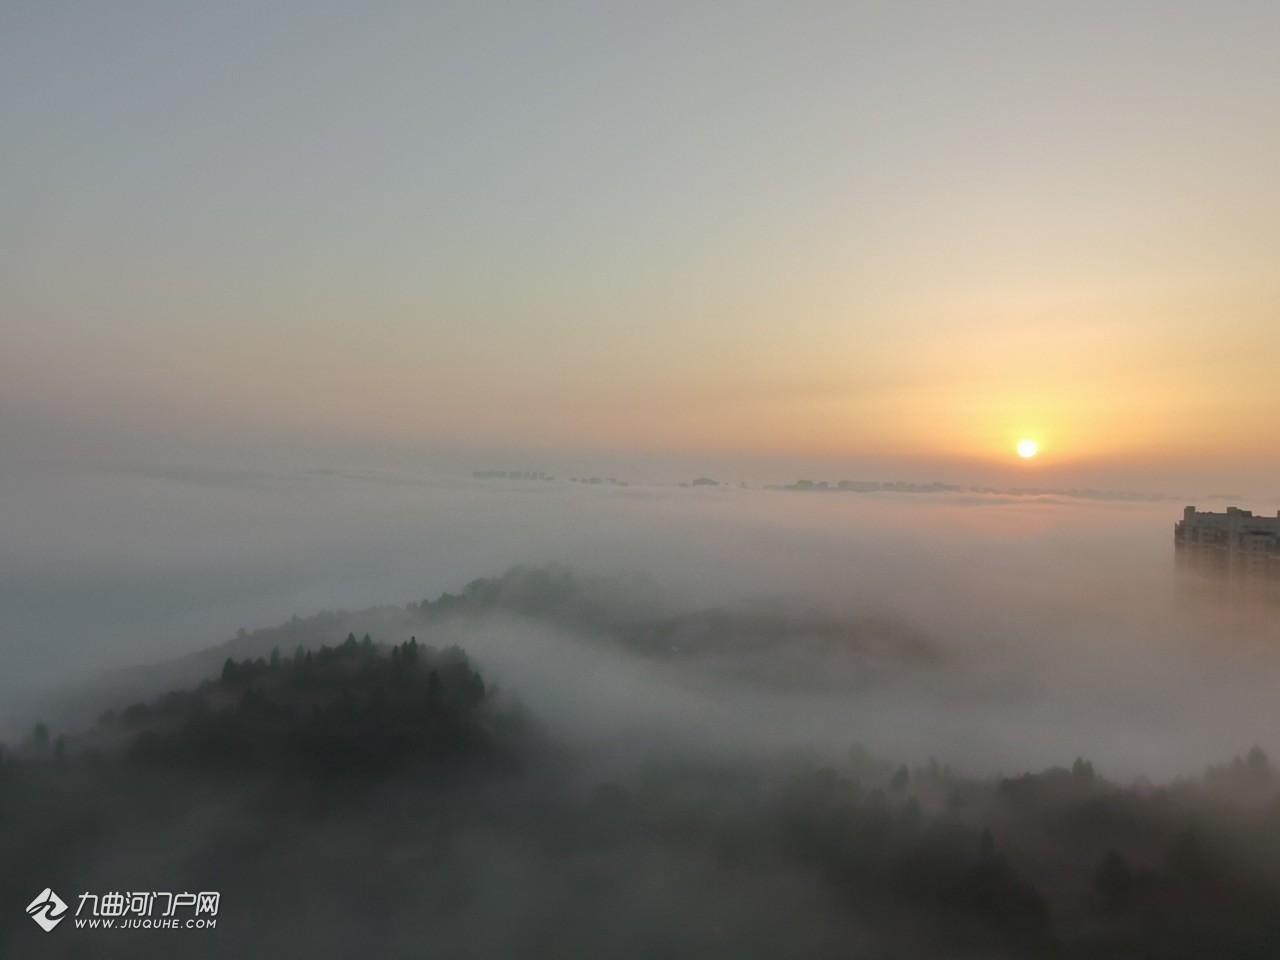 今晨资阳的日出美吗?分享我拍到的日出美景,在大雾中更有氛围感了!